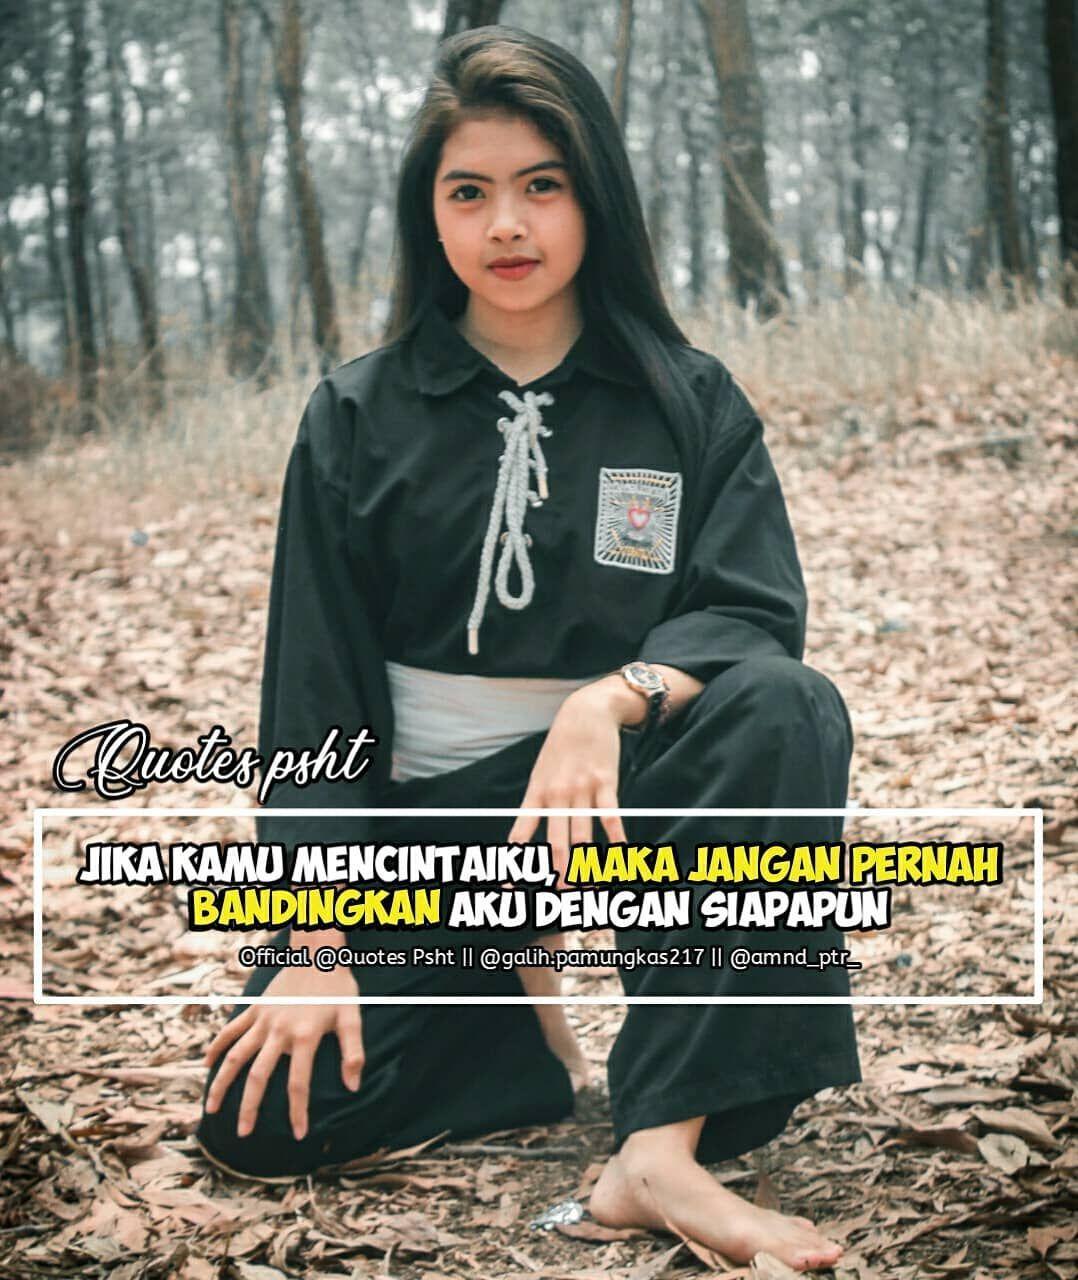 Quotes Psht Di Instagram Editor Galih Pamungkas217 Ingin Fotonya